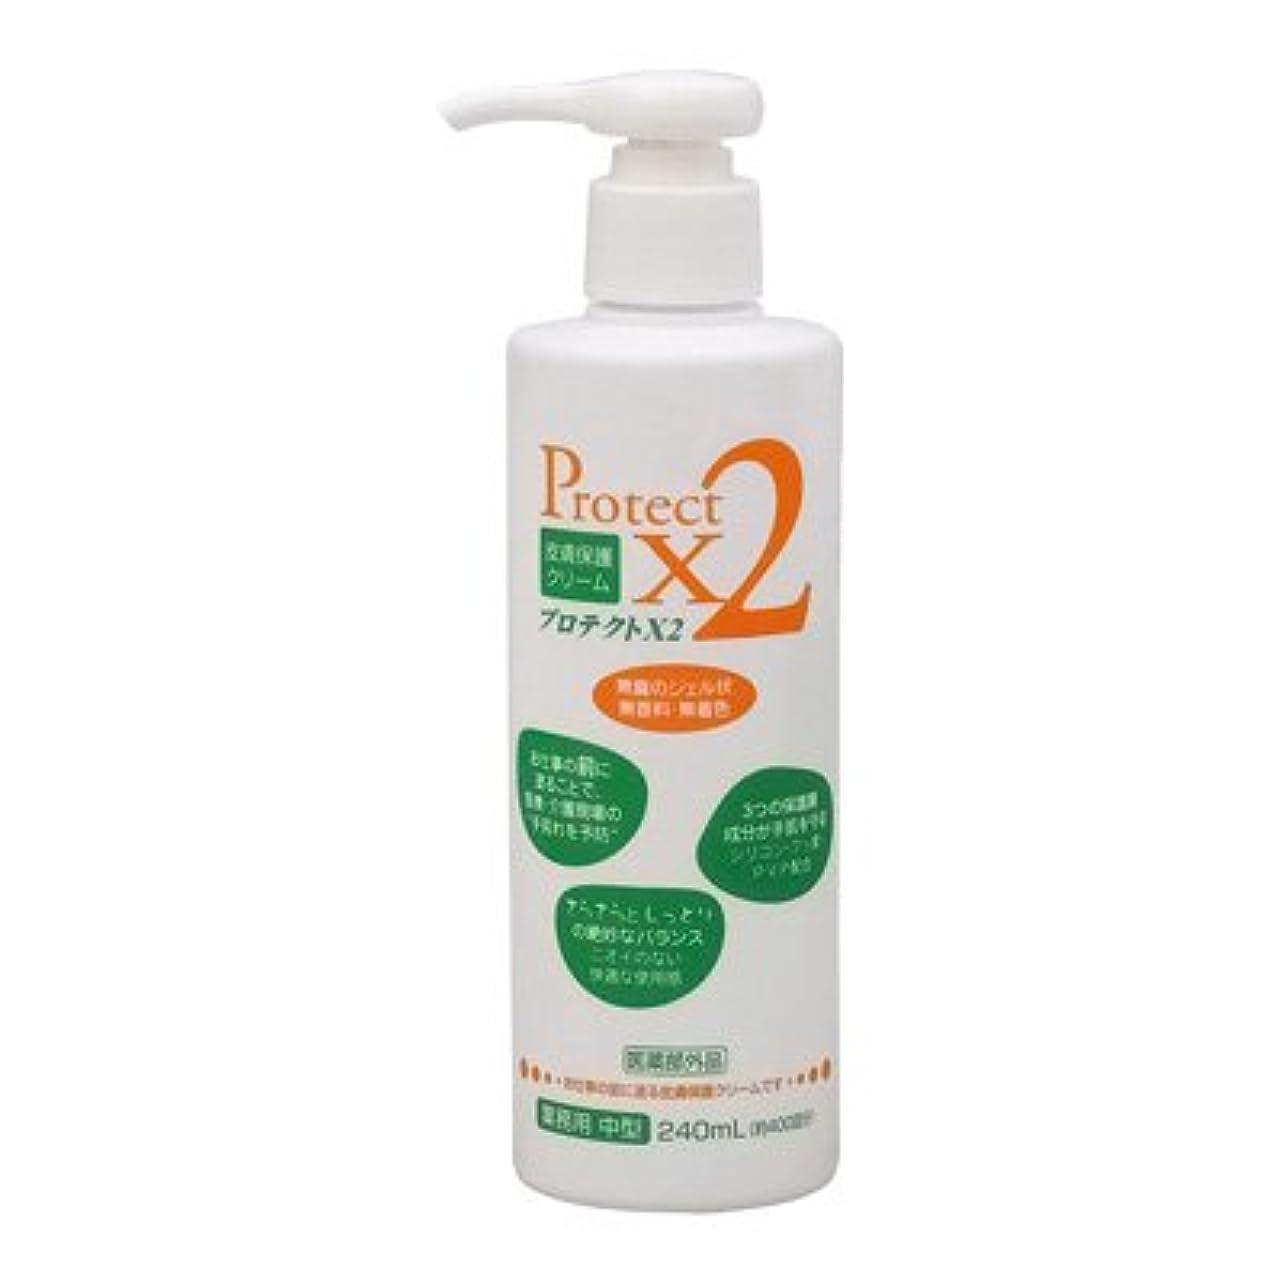 鋼信頼性のある不安定な皮膚保護クリーム プロテクトX2 240ml(中型)